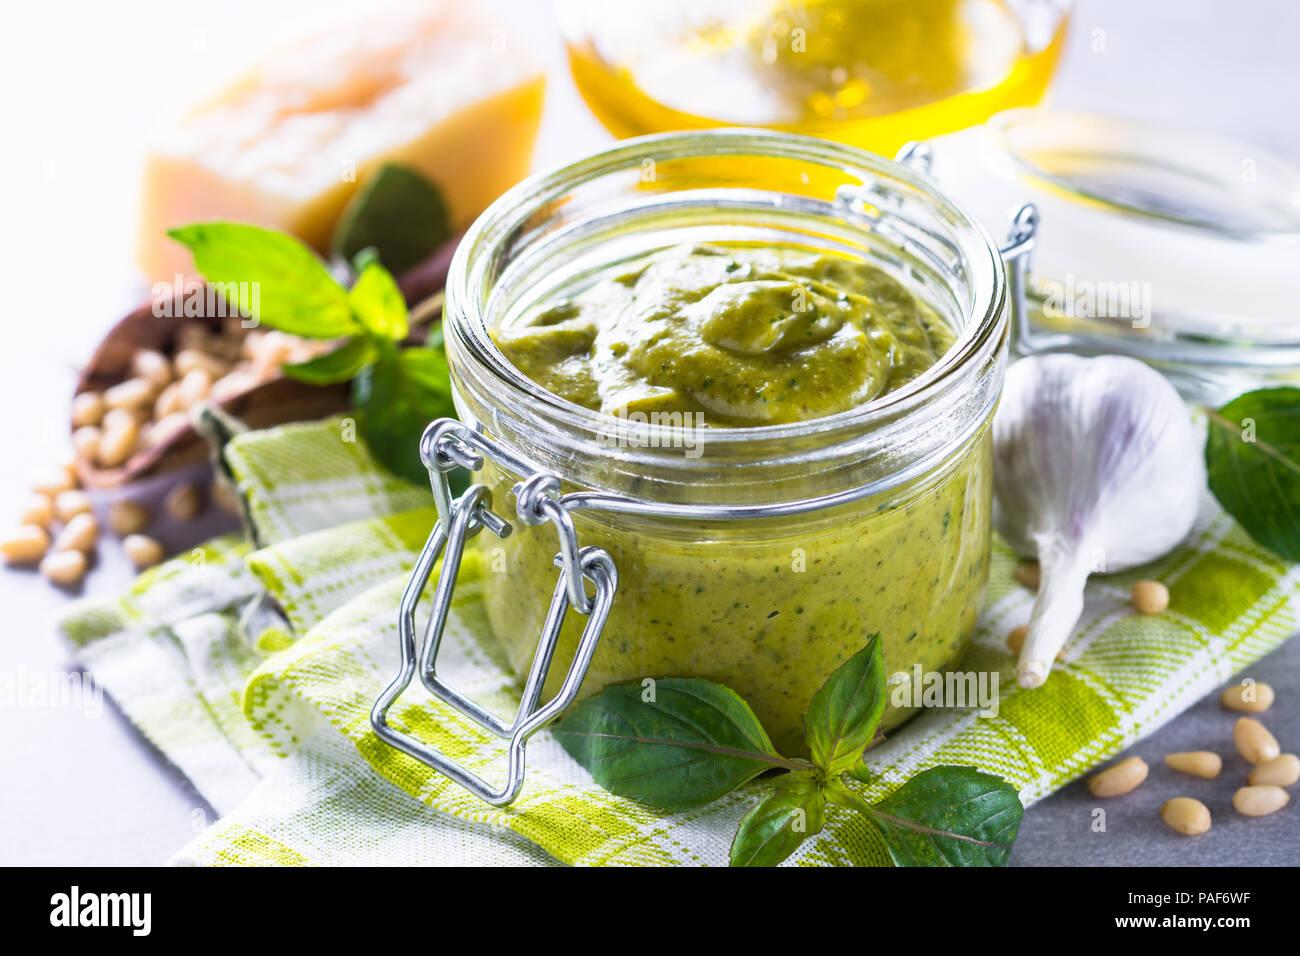 Salsa Pesto en frasco de vidrio y los ingredientes. Imagen De Stock